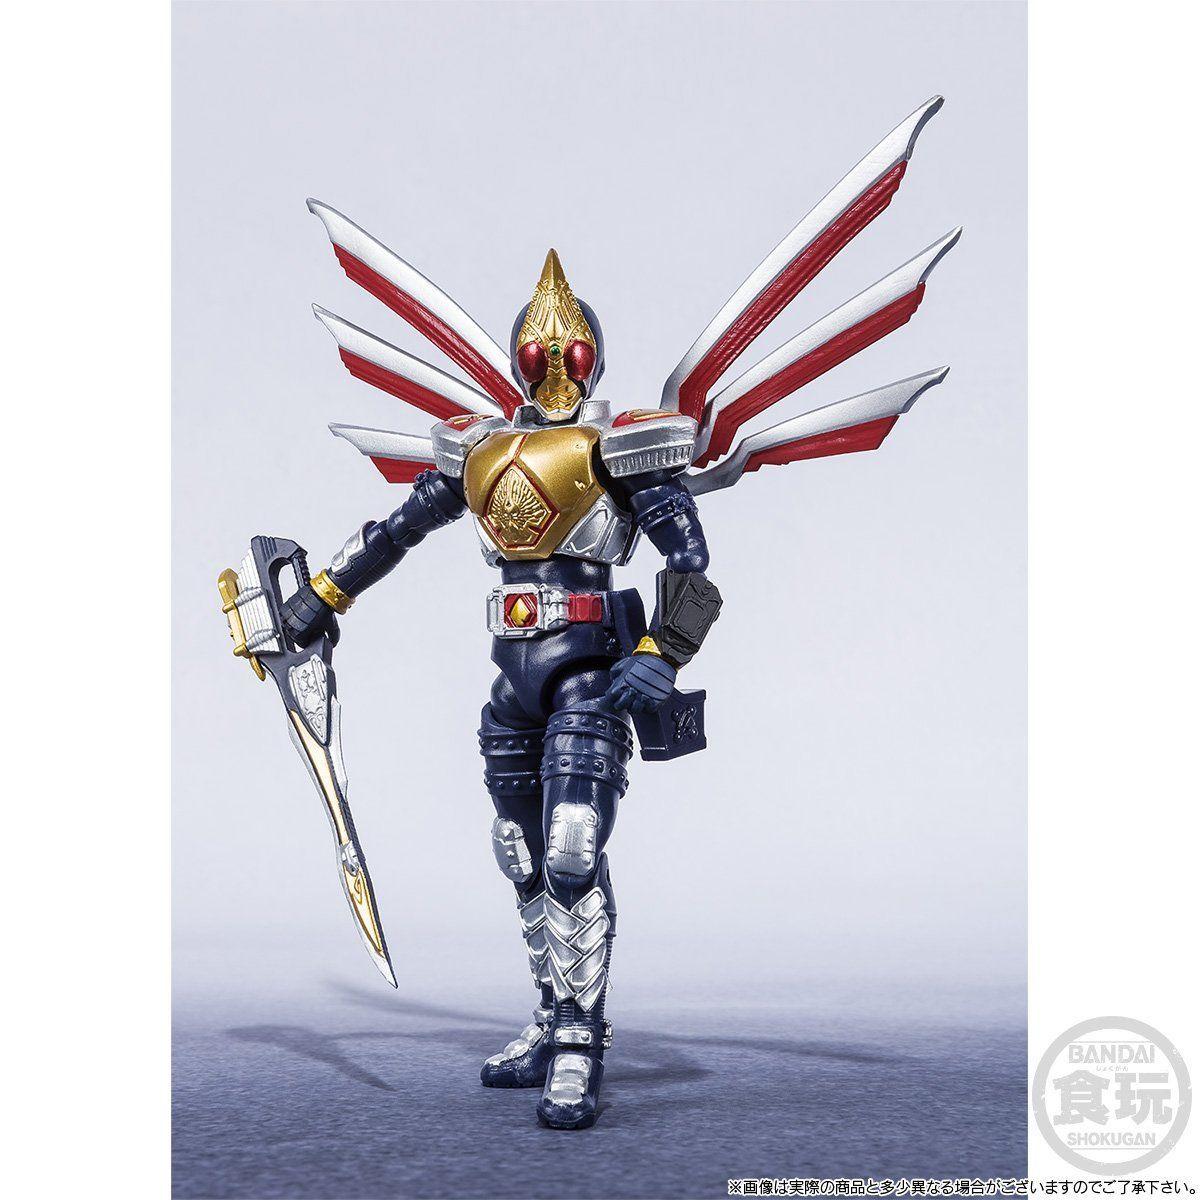 【限定販売】【食玩】SHODO-X『仮面ライダー剣 ジャックフォームセット』可動フィギュア-003